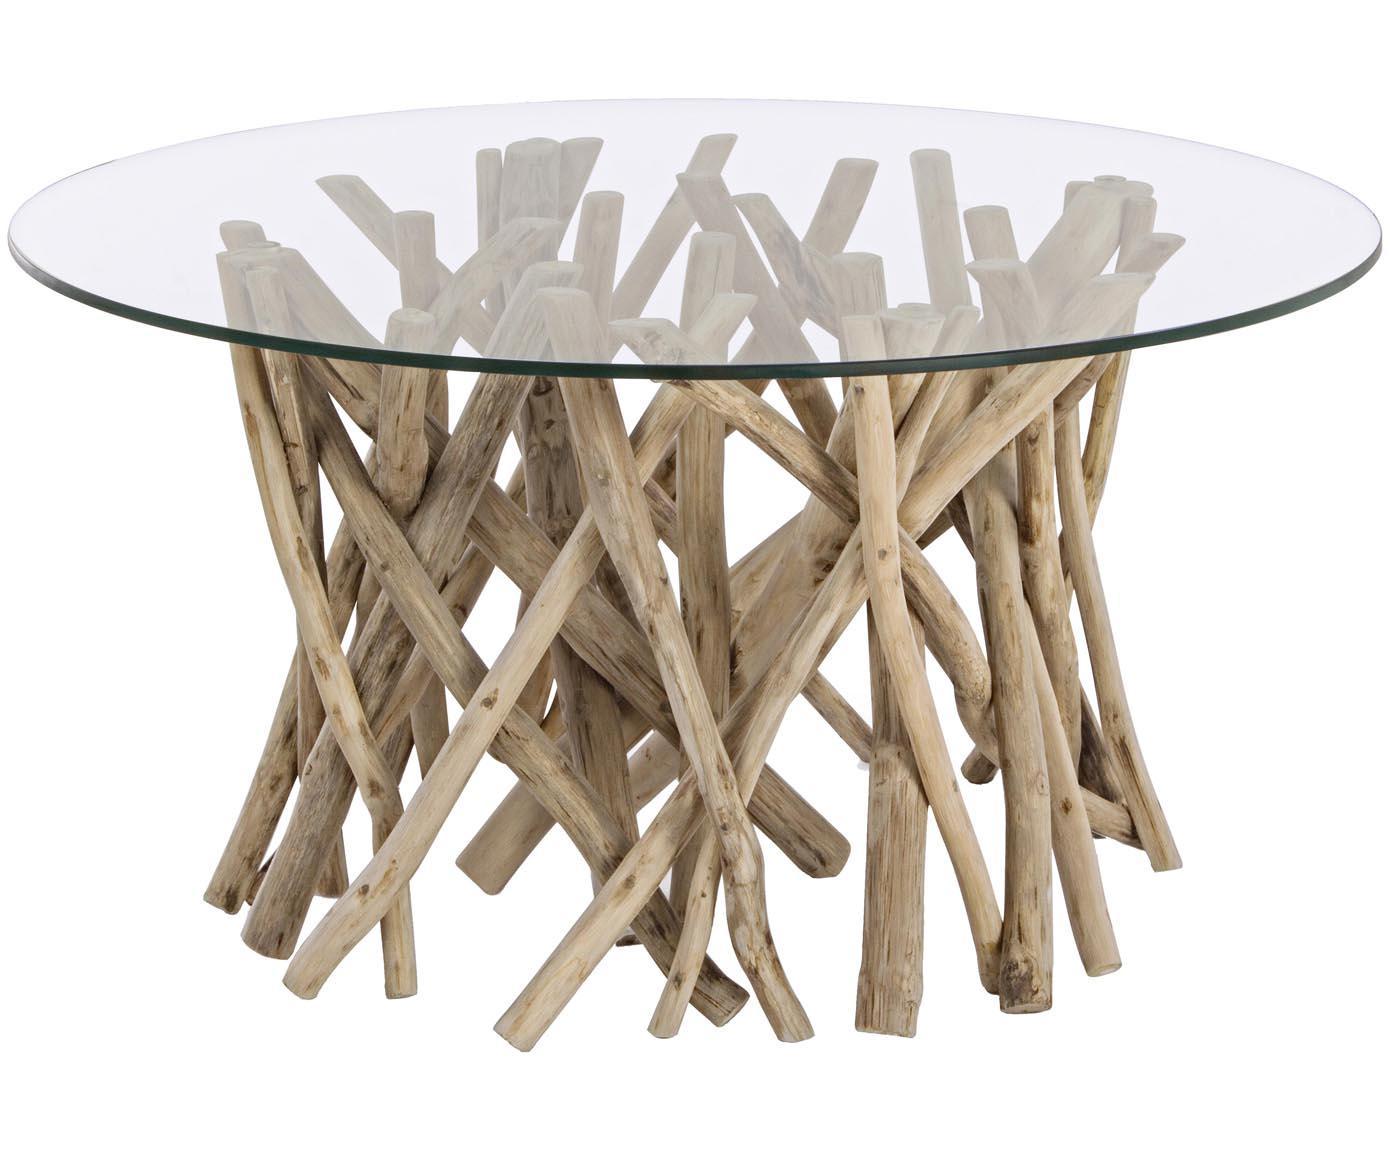 Stolik kawowy z drewna tekowego Samira, Blat: hartowane szkło, Stelaż: drewno tekowe, bielone i , Blat: transparentny Stelaż: drewno tekowe, bielone, antyczne wykończenie, S 80 x G 80 cm